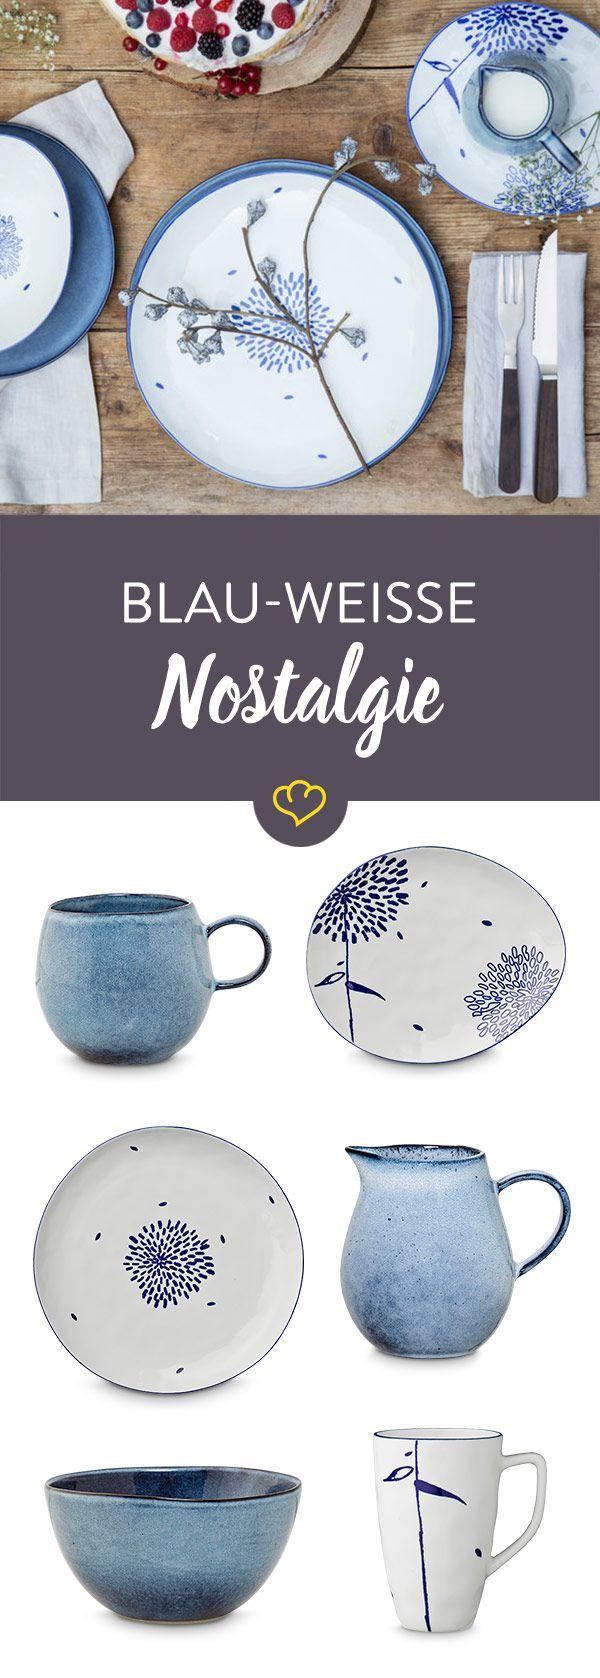 Blau-weißes Geschirr ist und bleibt ein Klassiker und gehört in jeden Küchenschrank!